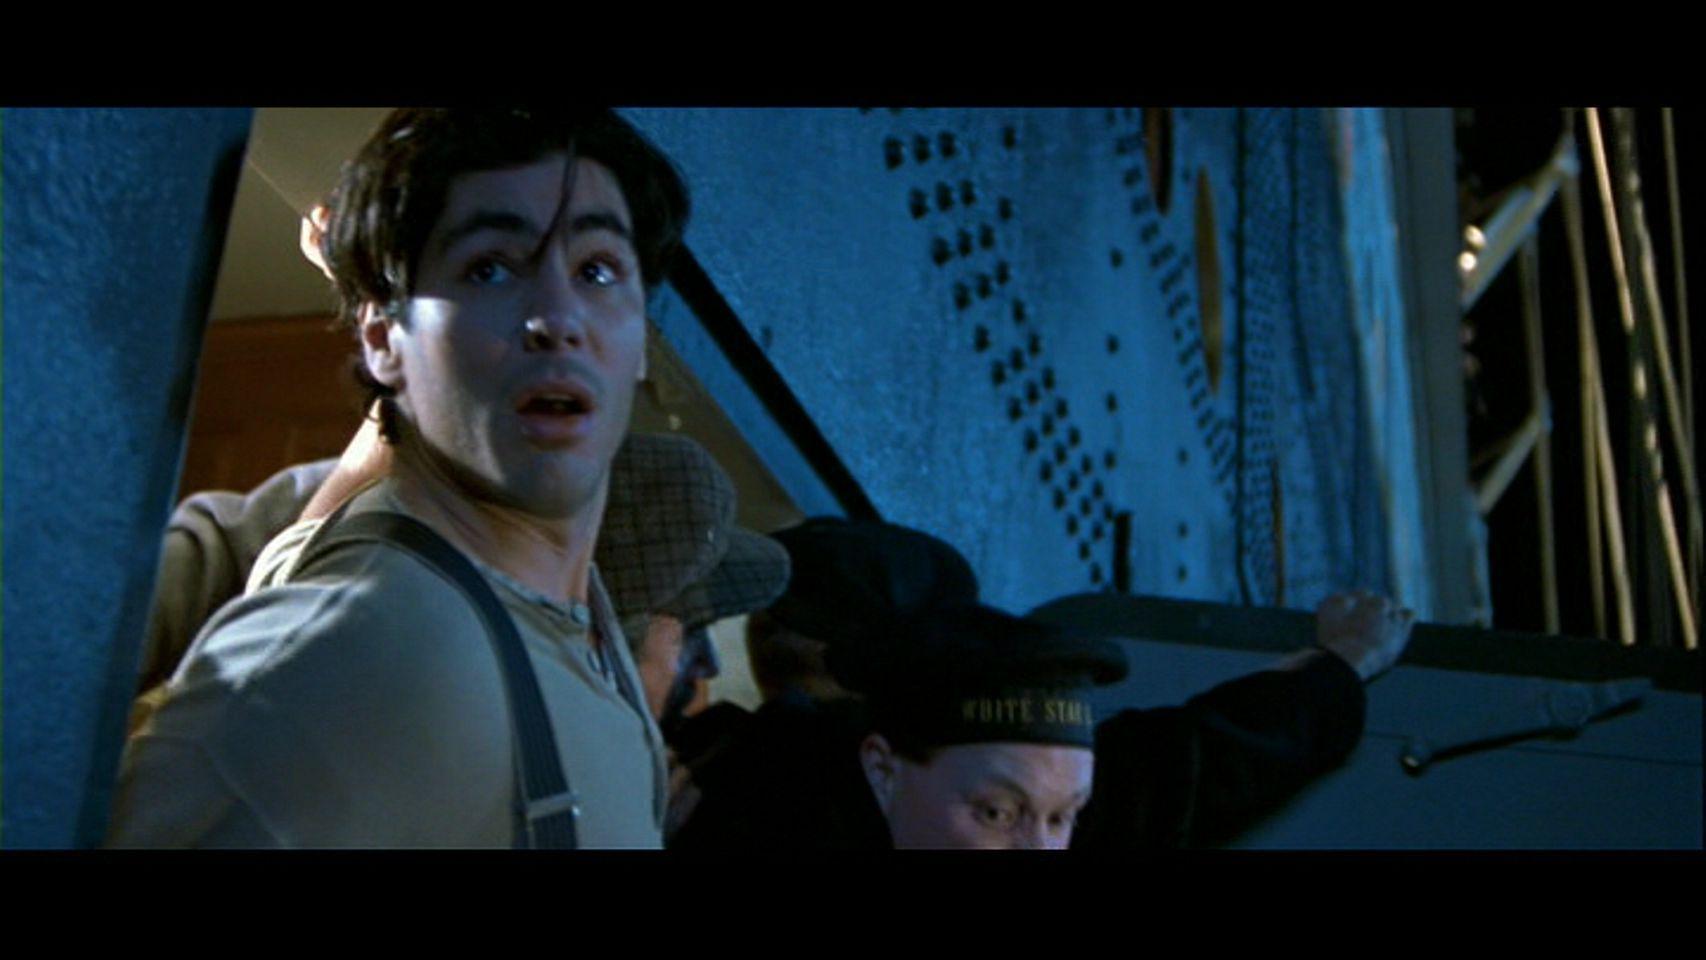 Titanic [1997] - Titanic Image (22286970) - Fanpop